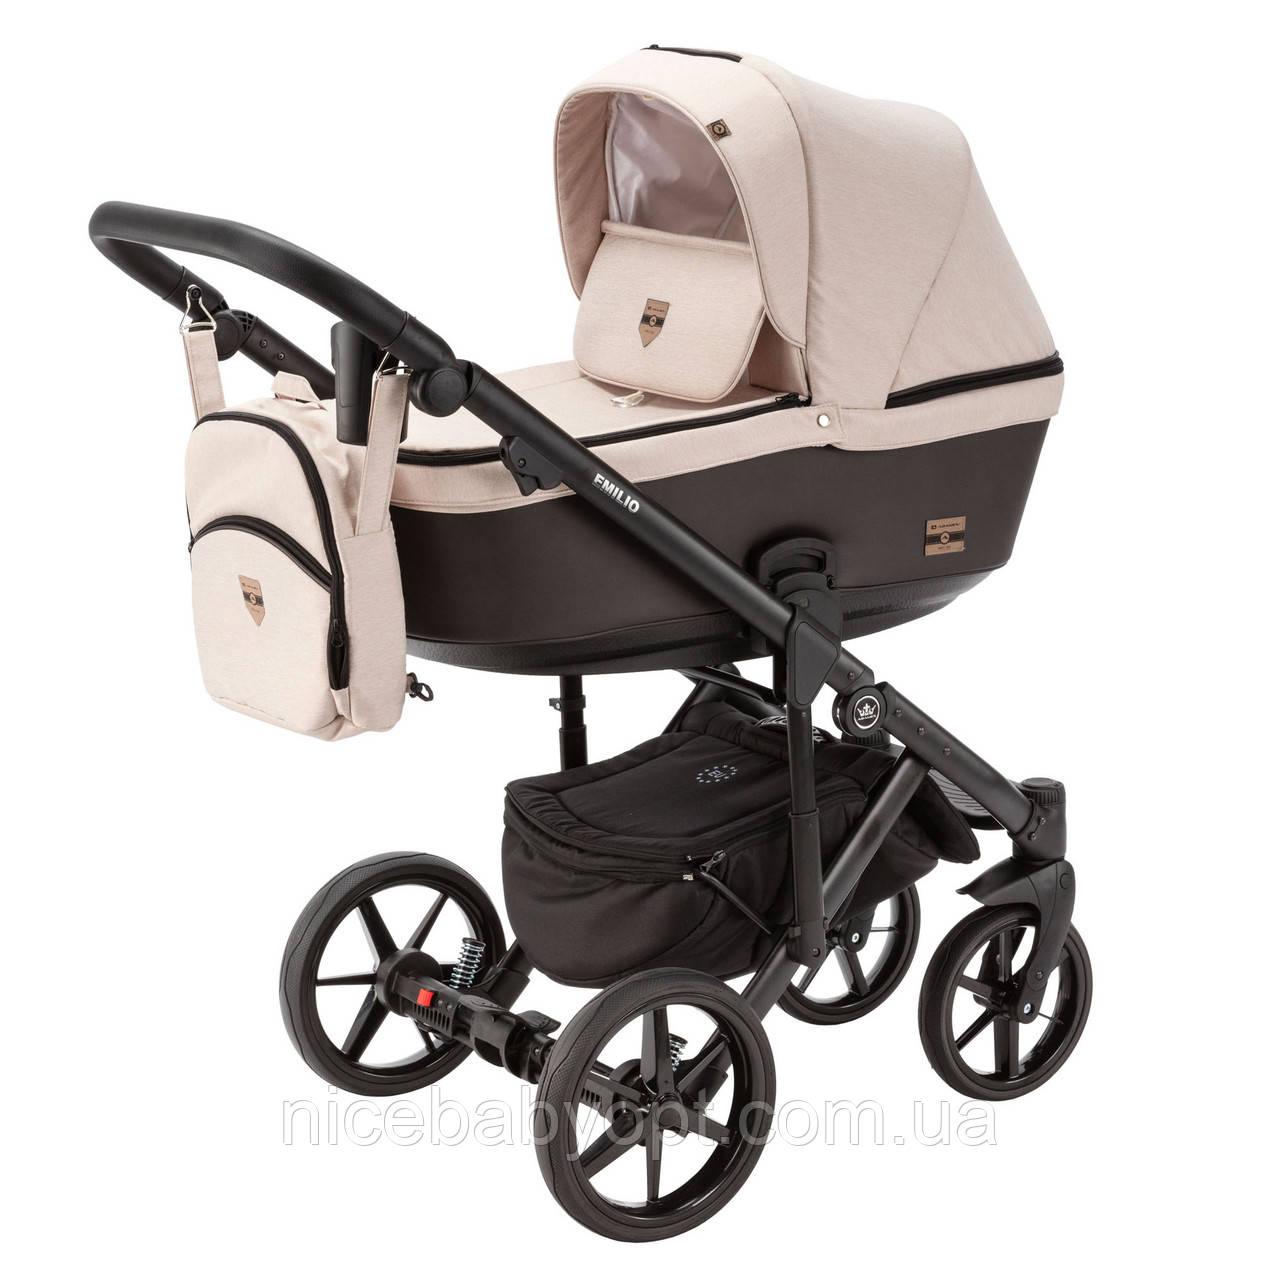 Детская универсальная коляска 2 в 1 Adamex Emilio EM-267